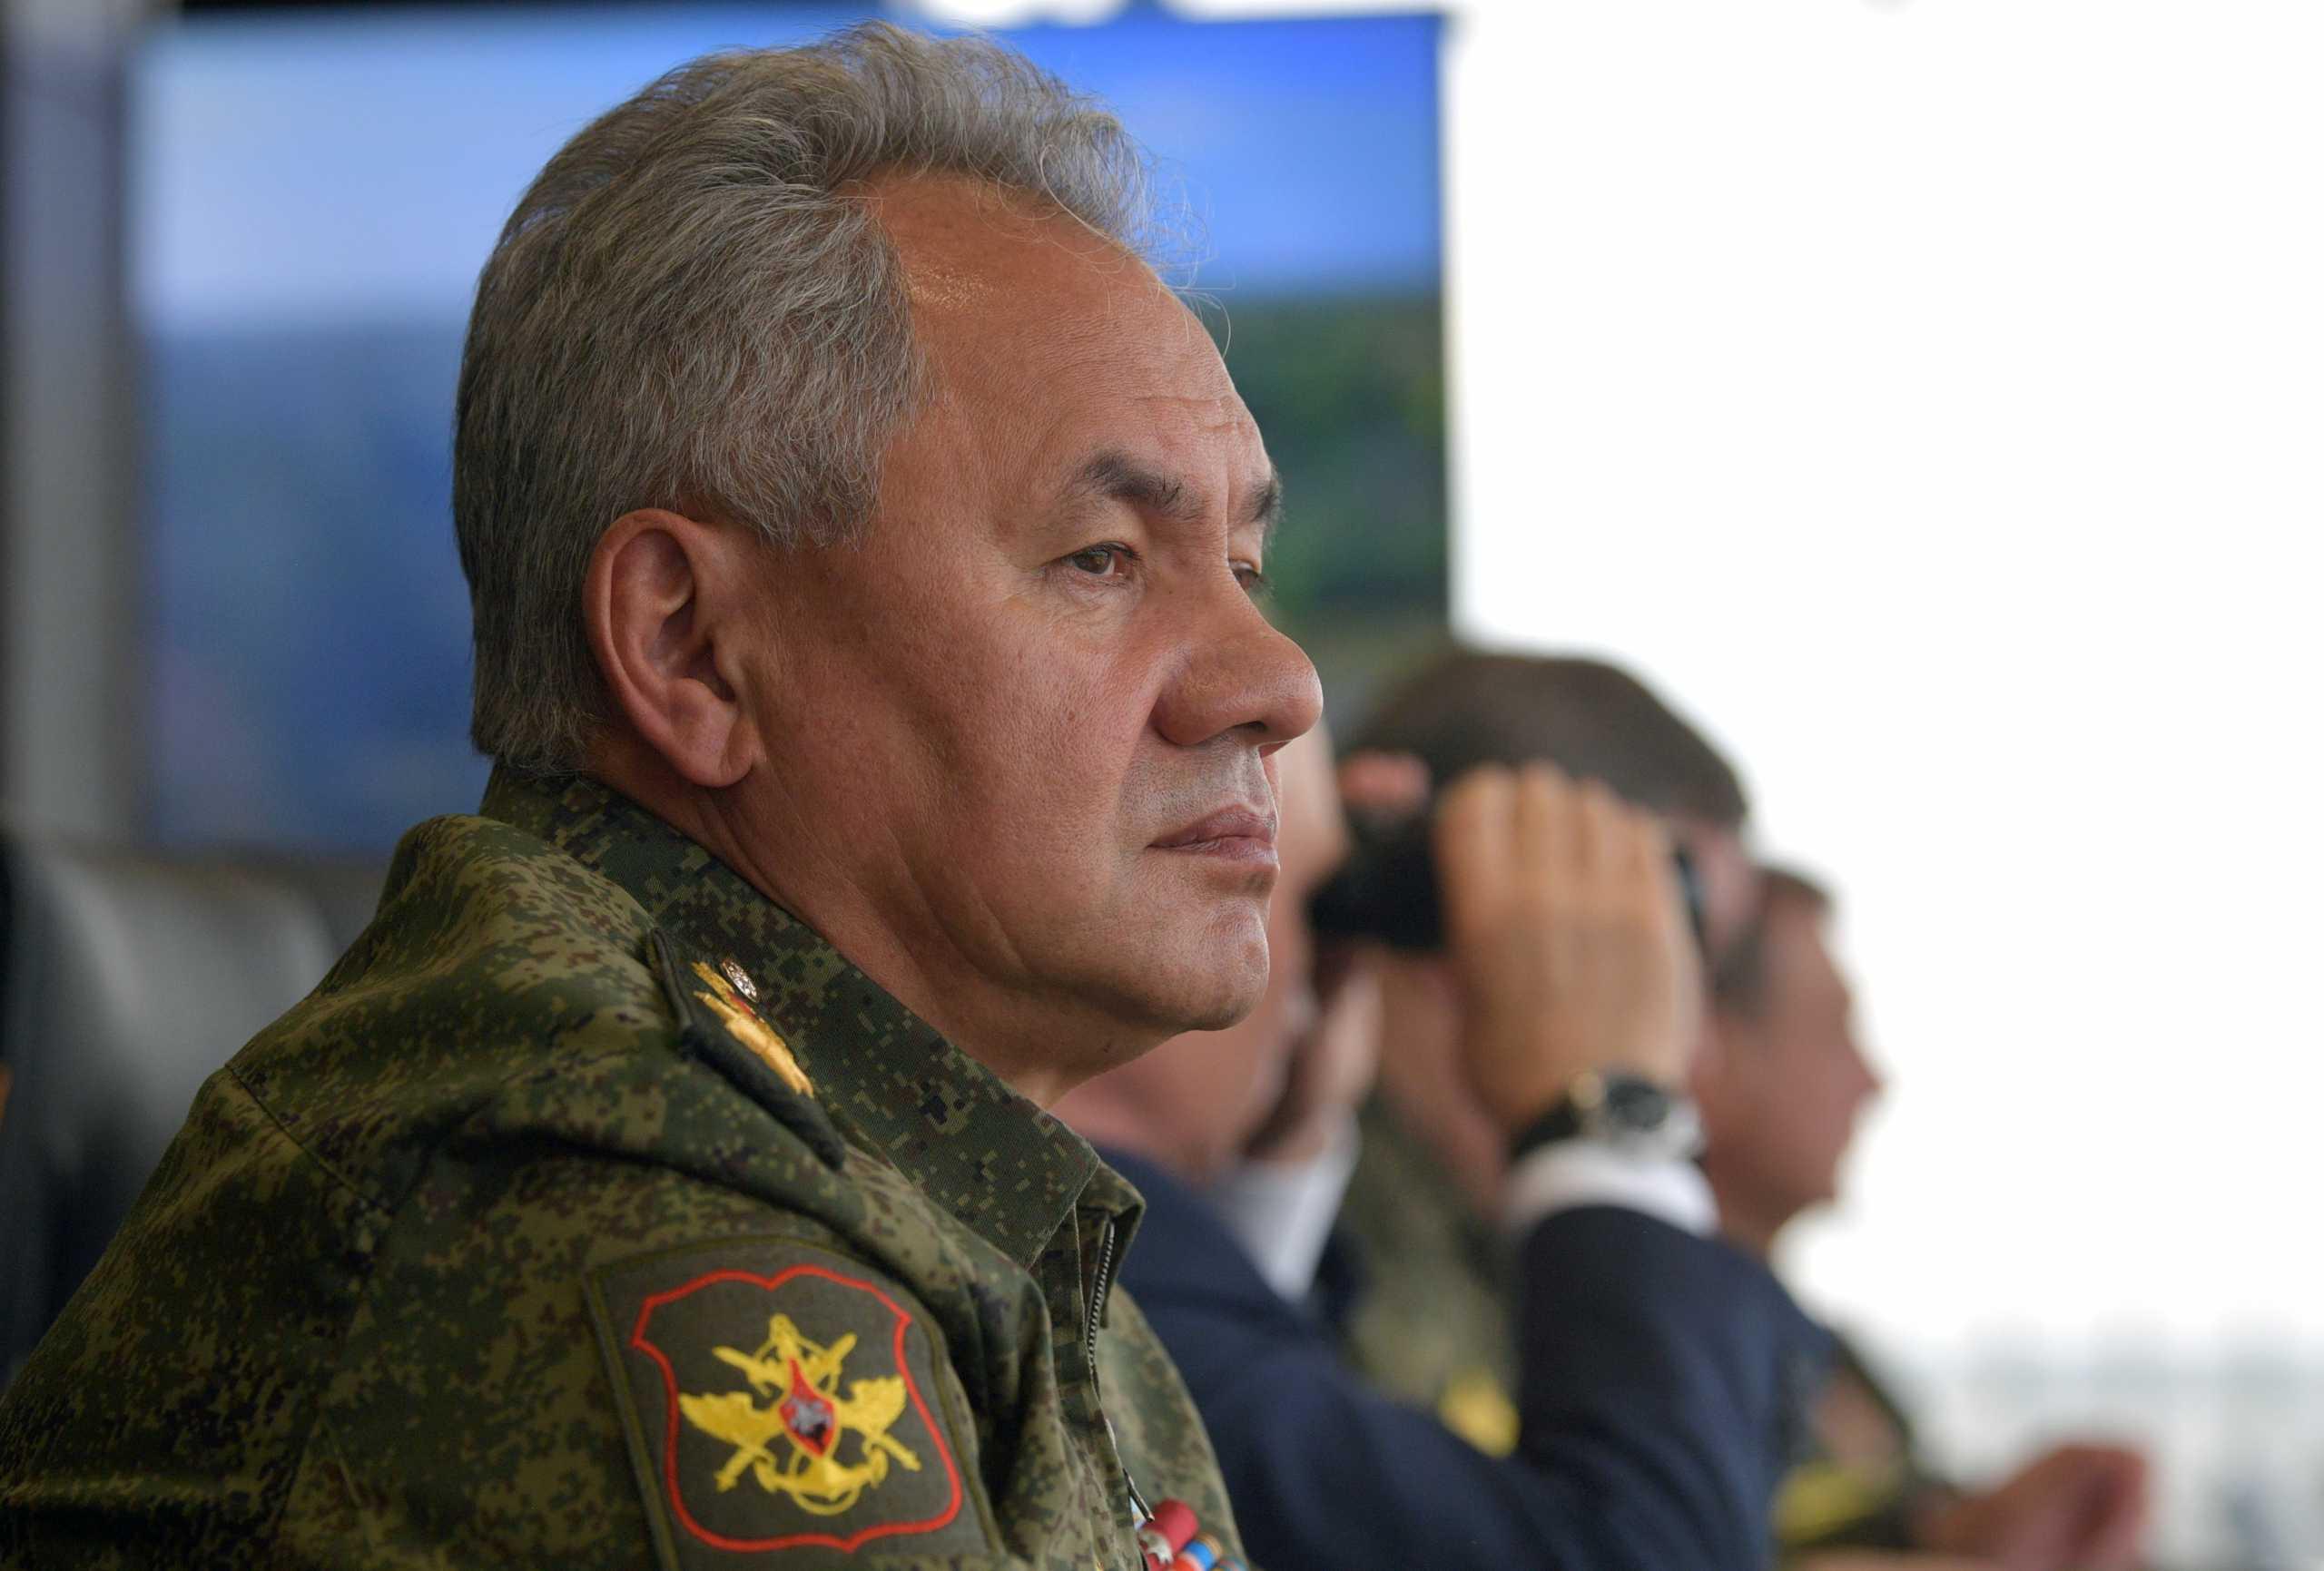 Έξαλλος ο Ρώσος Υπουργός Άμυνας: Άγημα παρέστη στο γάμο απογόνου των Ρομανόφ!